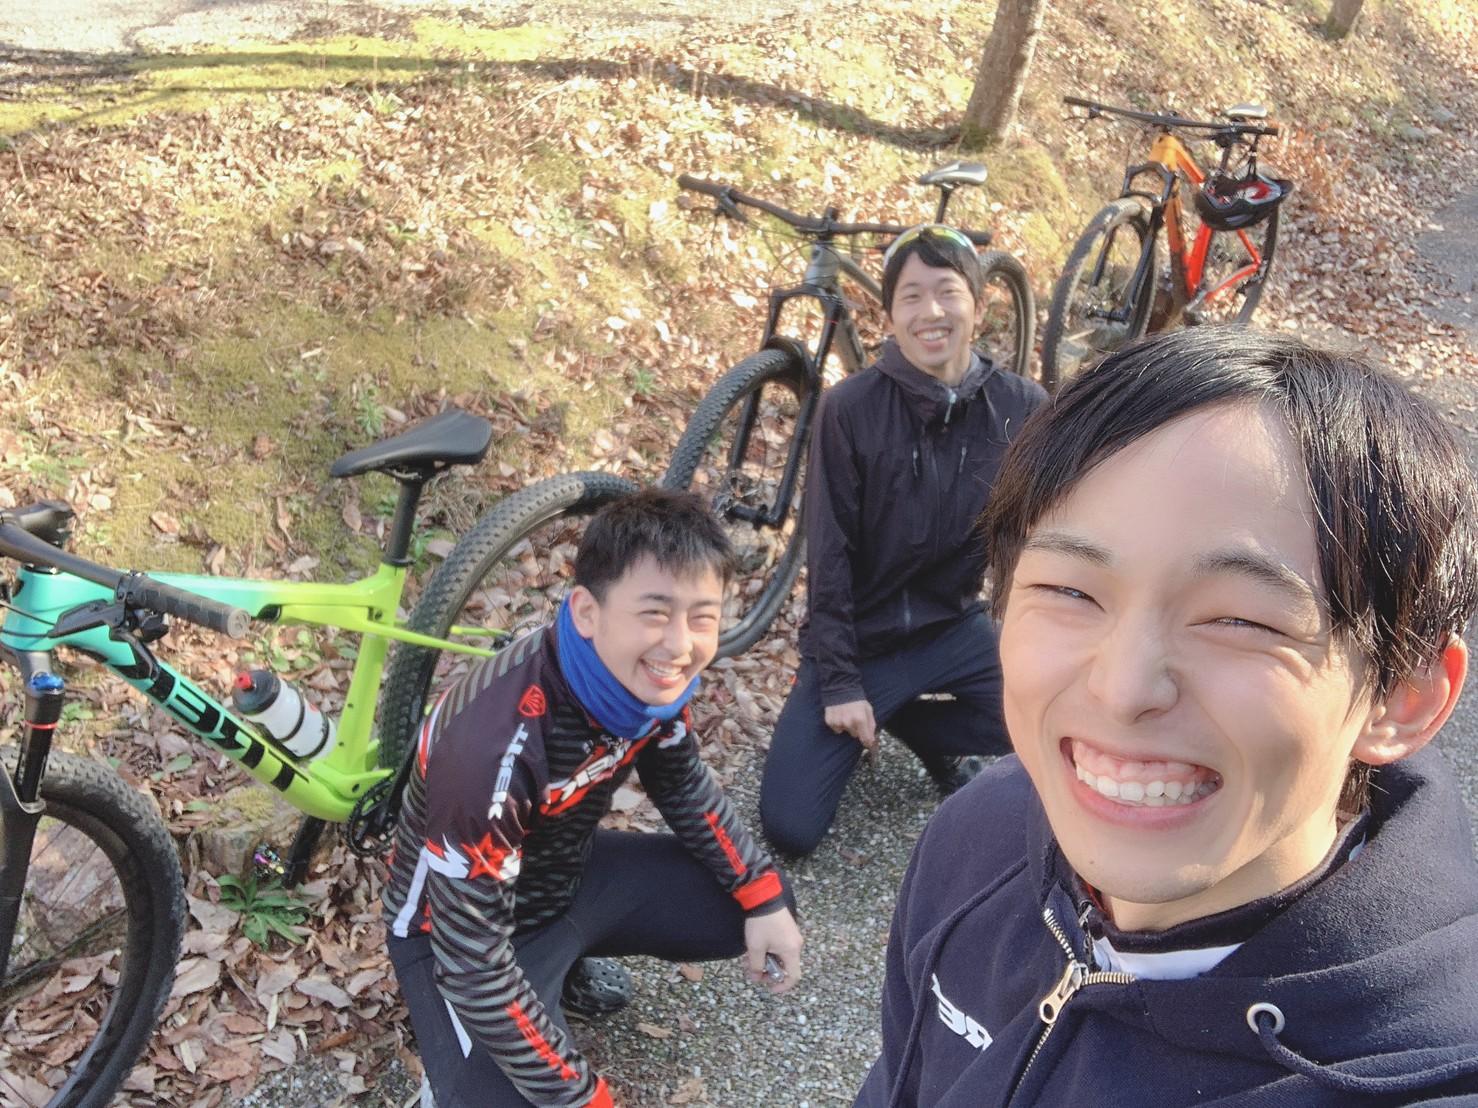 獲得標高1000m獲るまで帰れま千(せん)! in 各務原自然遺産の森MTBコース